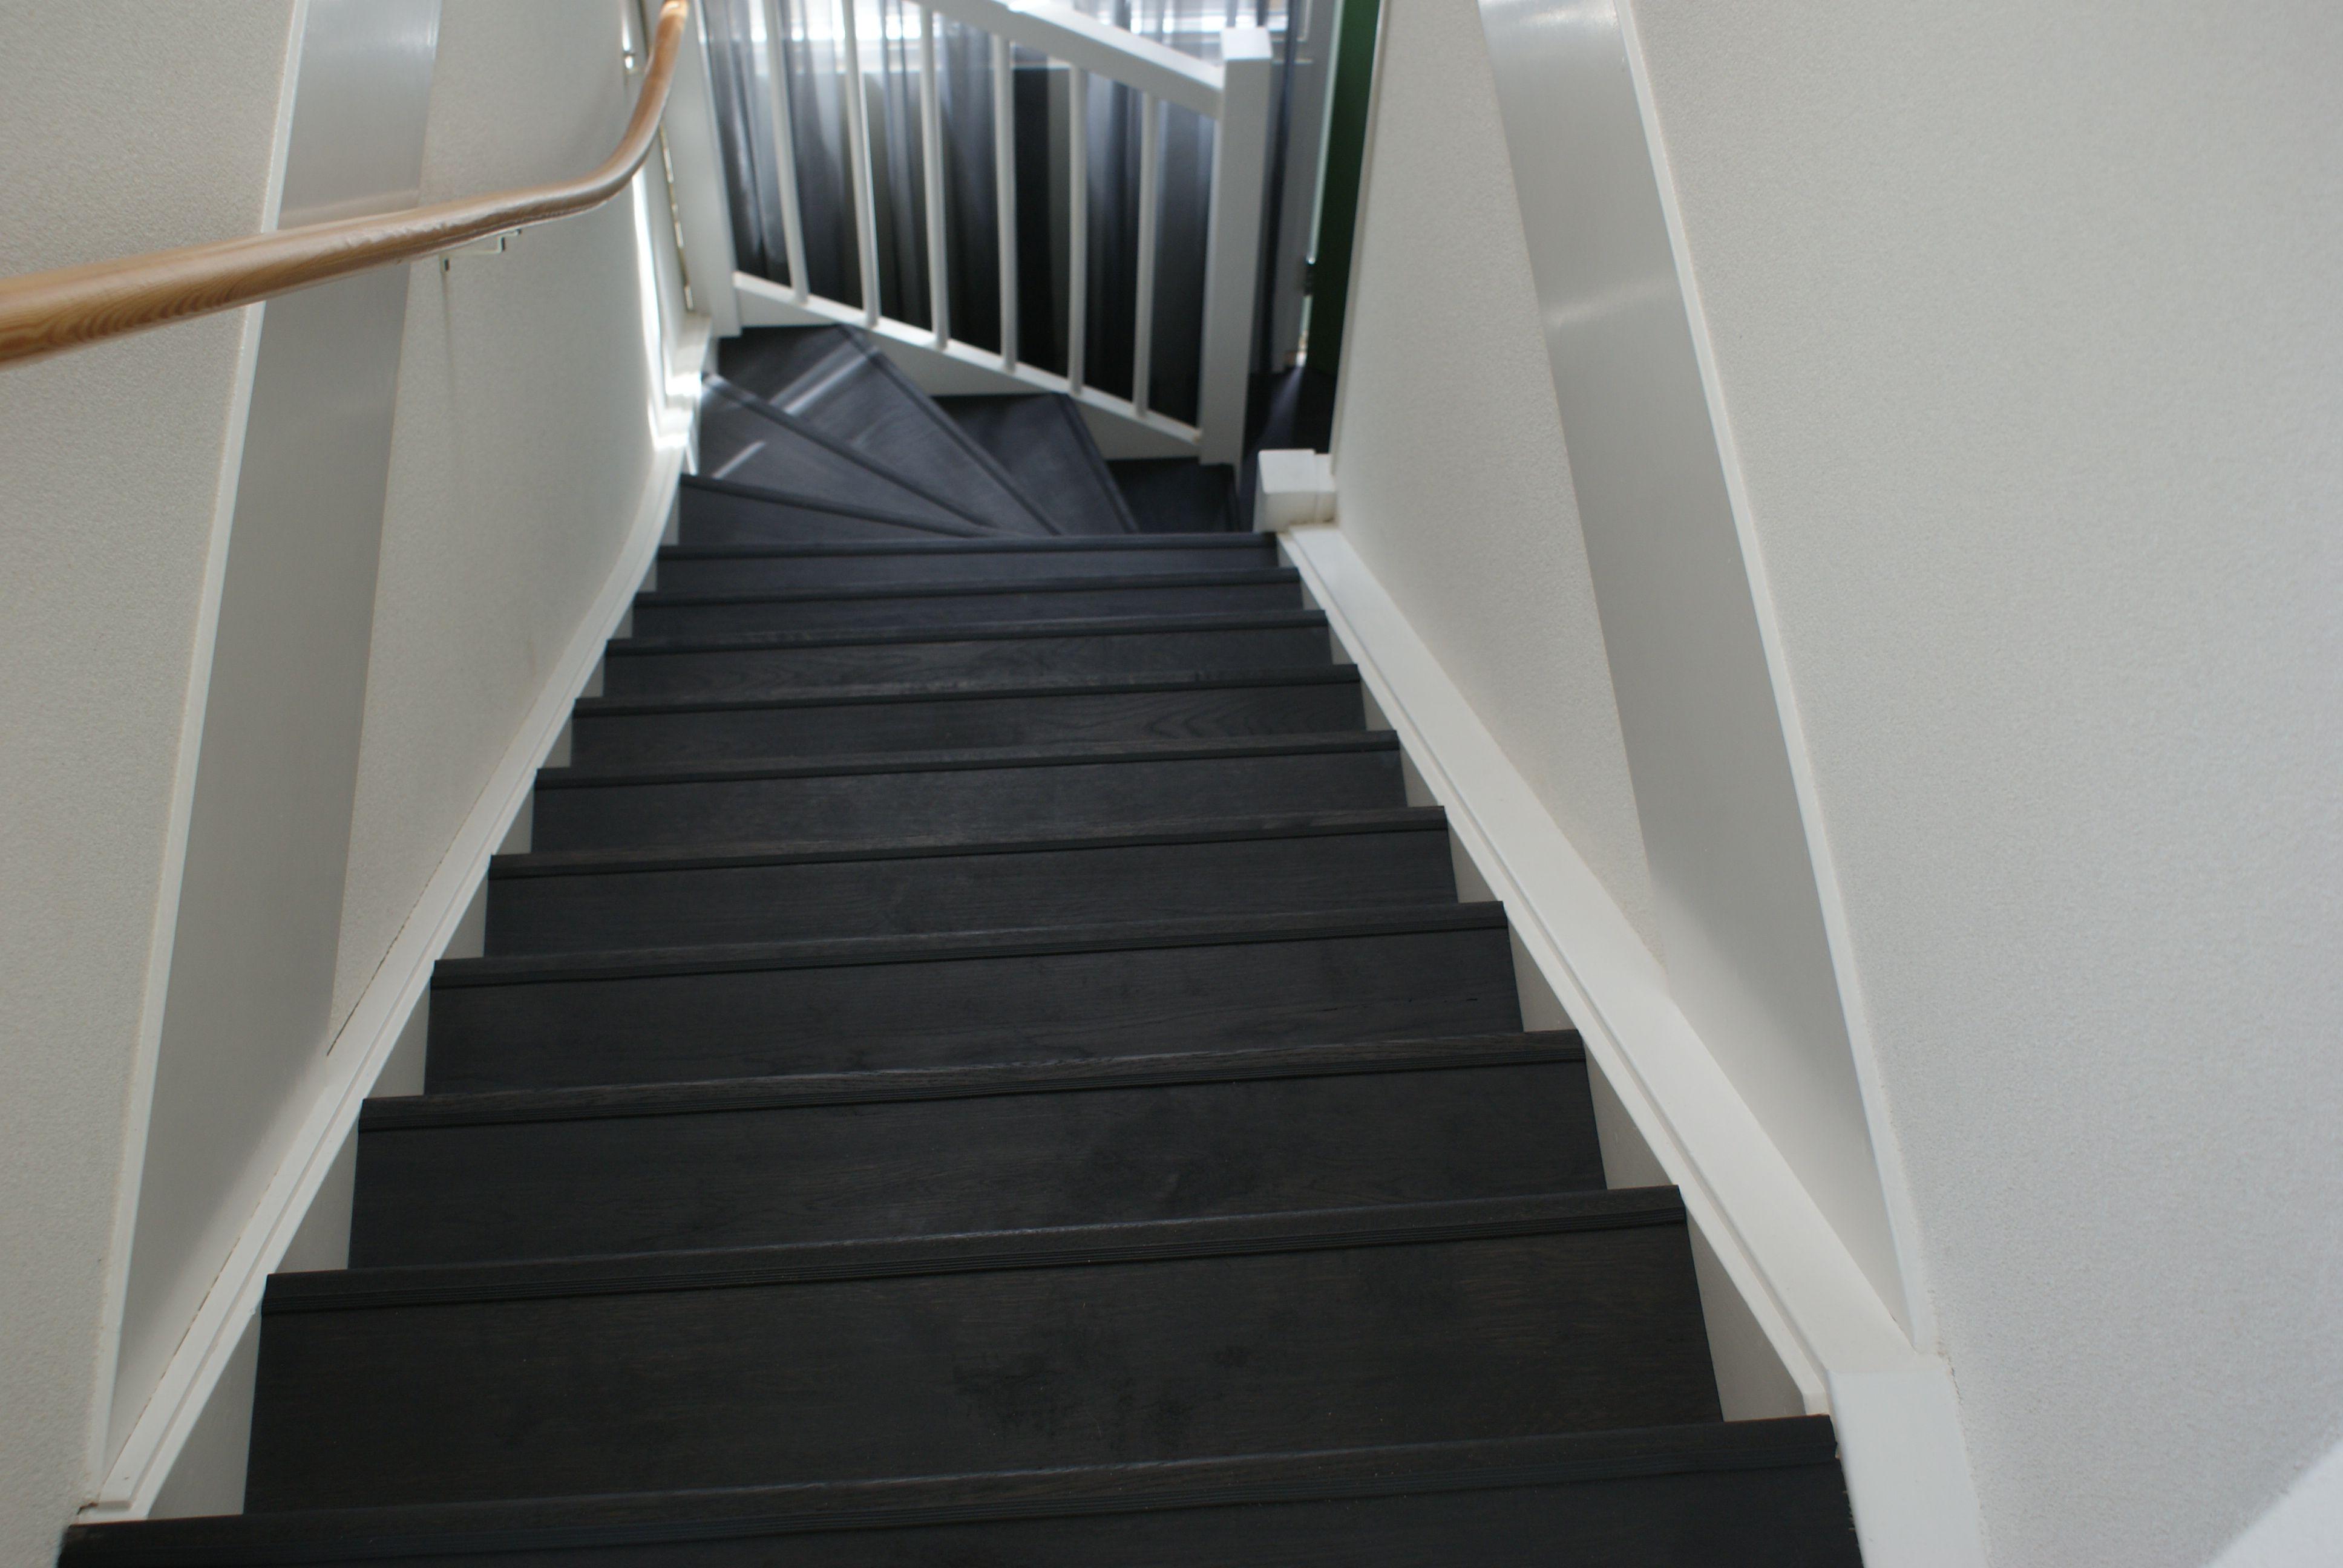 Zwarte vloer beboparket houtenvloer laminaat interieur